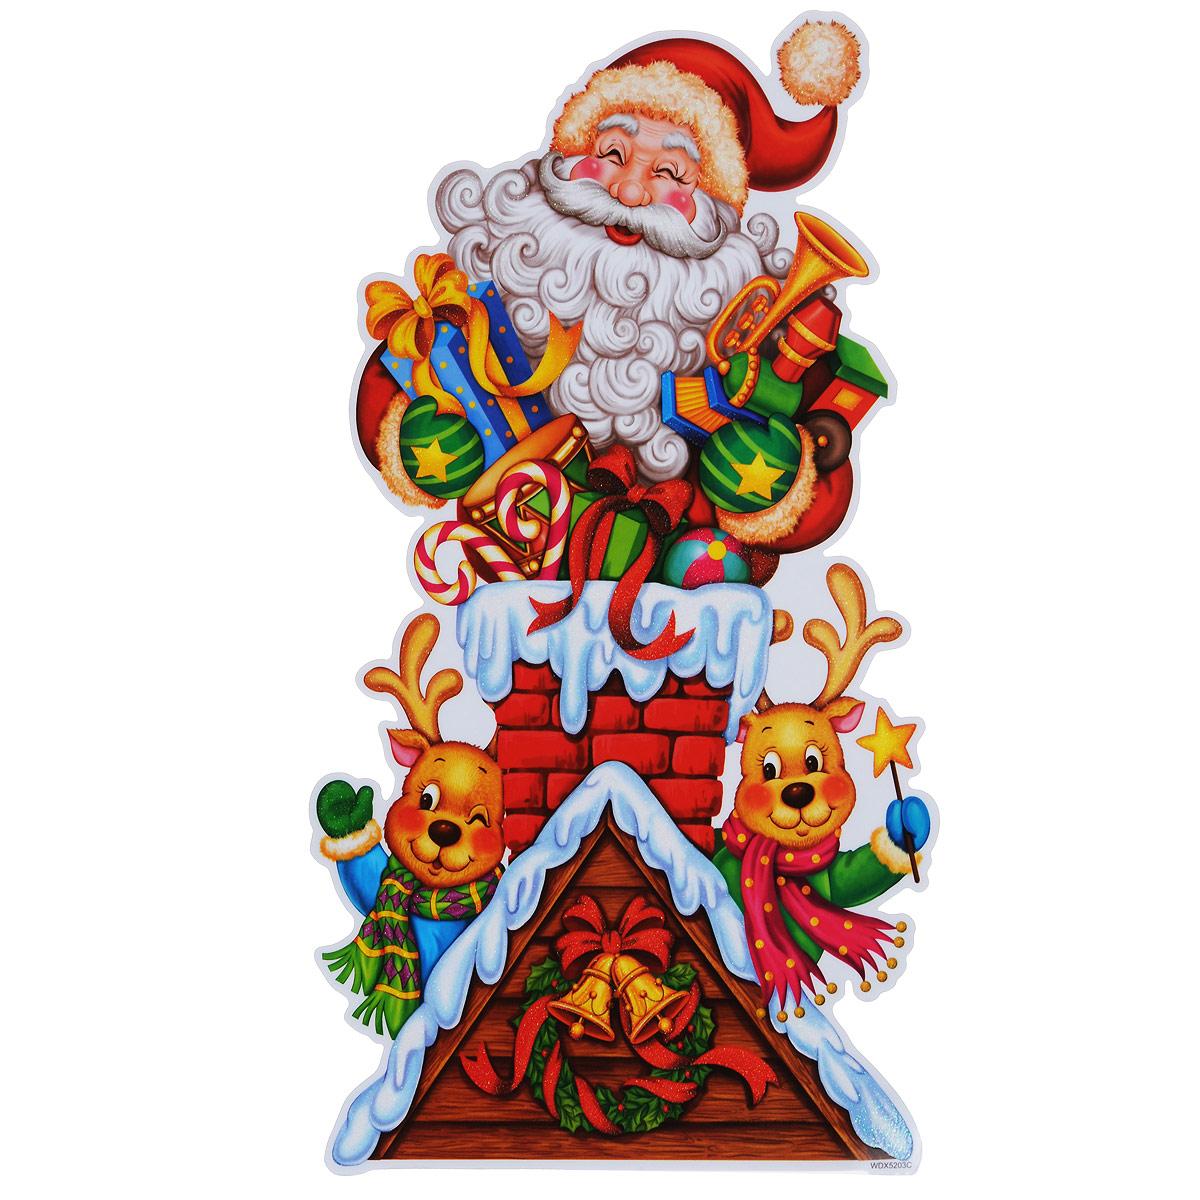 Новогоднее оконное украшение Room Decoration Дед Мороз и оленята, 42 х 24 см оконное украшение дед мороз и снегурочка 2000049137130 30 х 41 5 х 1 см